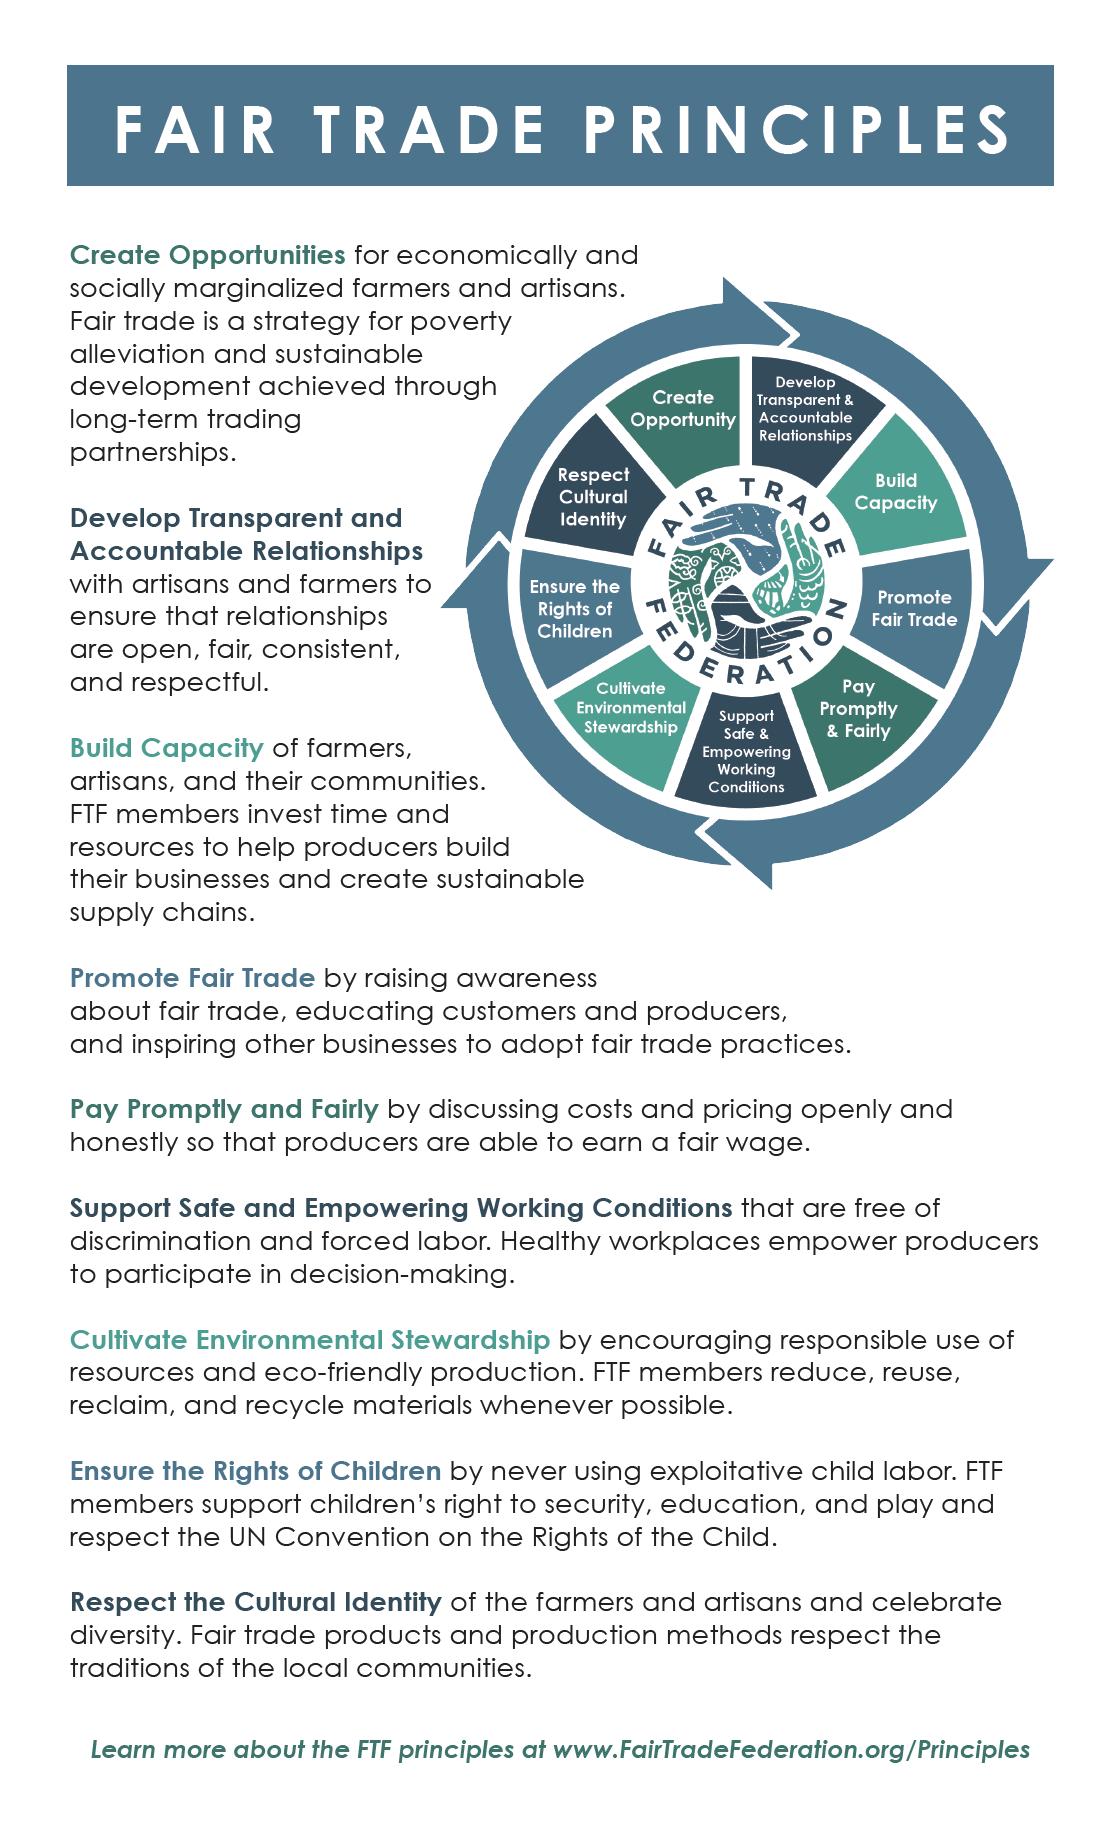 ftf-principles